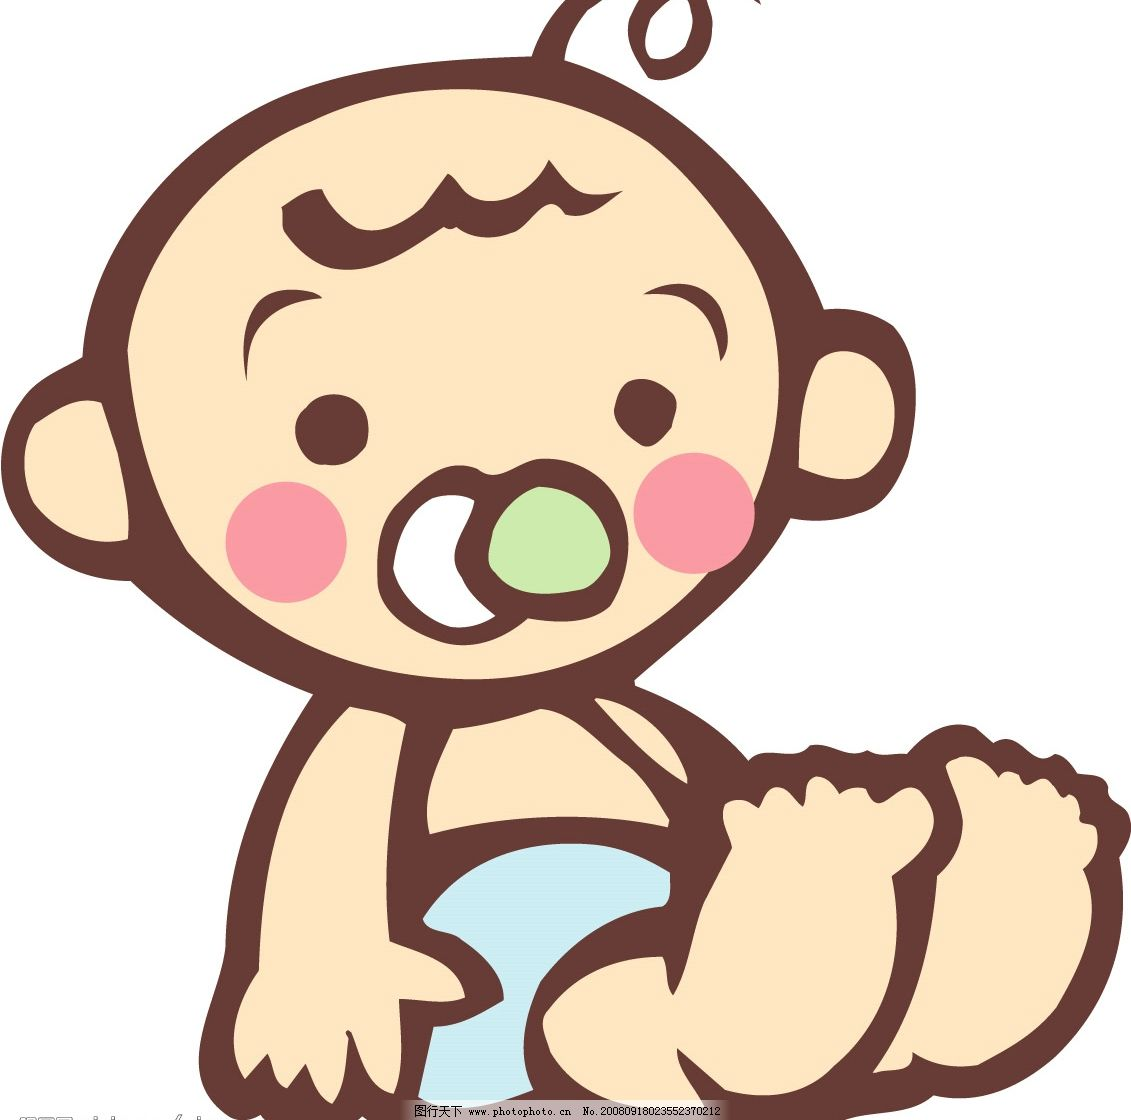 男宝宝 宝宝 日本 男孩 奶嘴 坐着 矢量人物 儿童幼儿 日本婴儿矢量图